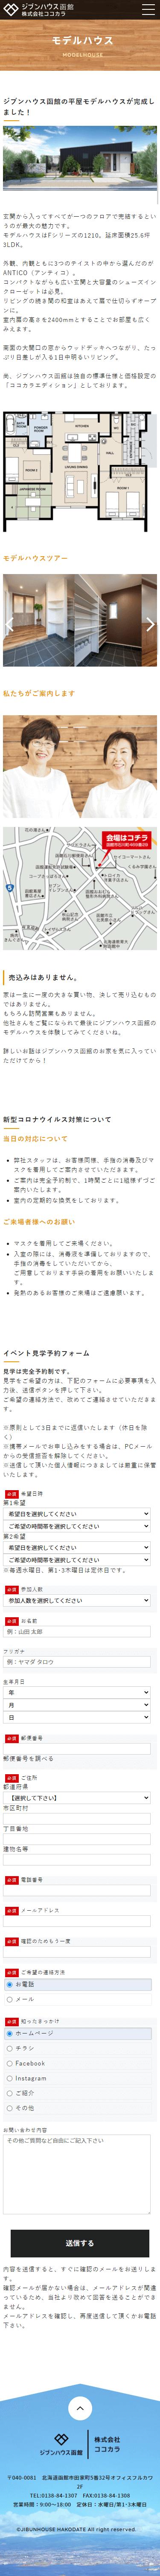 北海道函館市 ジブンハウス函館(株式会社ココカラ)北海道4